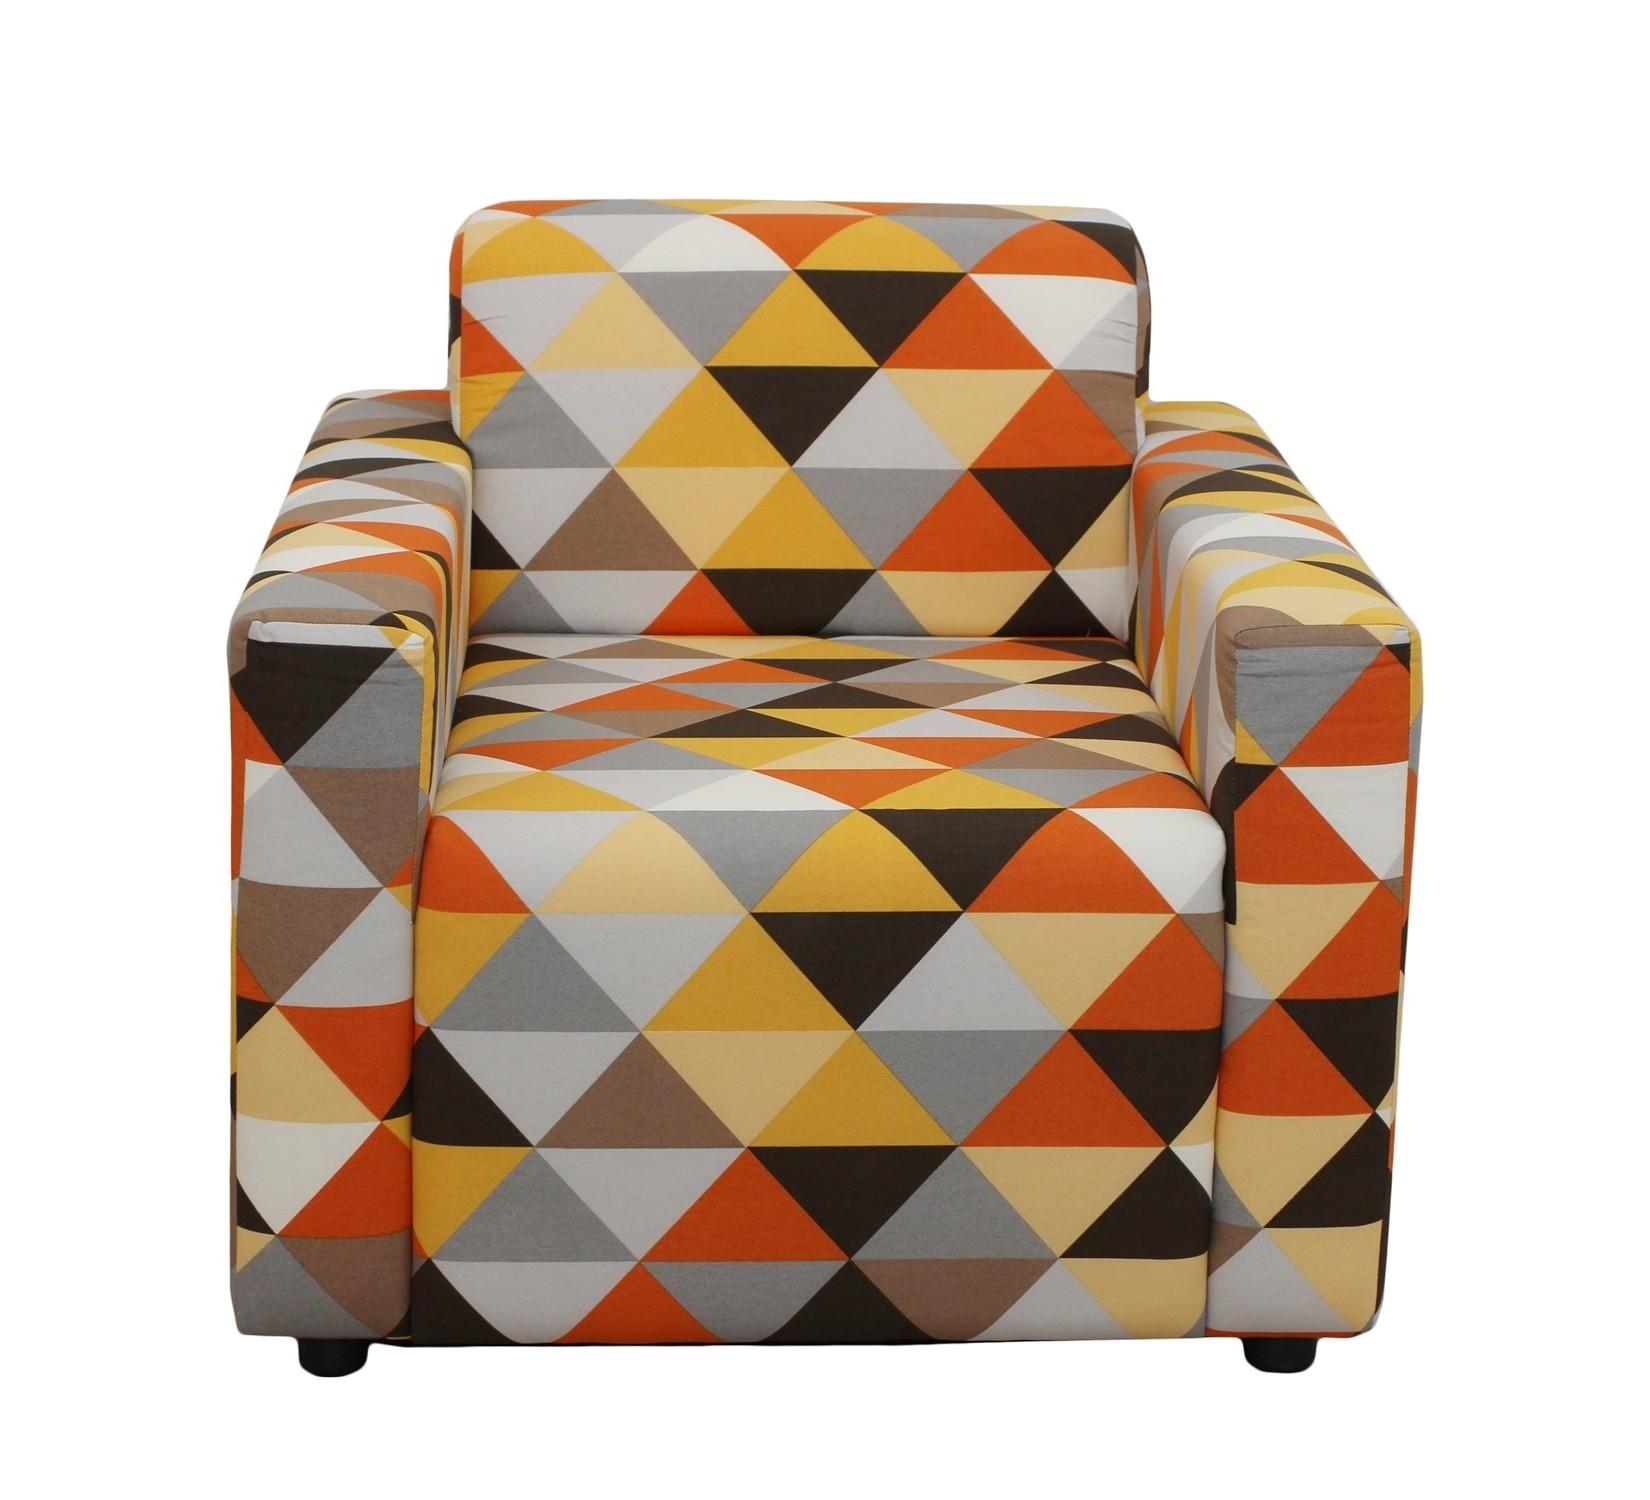 КреслоИнтерьерные кресла<br>Каркасное  кресло оригинального дизайна станет не только выделяющимся, но и комфортным акцентом в вашем интрерьере. Кресло статнет незаменимым предметом декора или функциональной мебелью . А эксклюзивные ткани добавят изюминку в ваше пространство.<br><br>Material: Текстиль<br>Ширина см: 80<br>Высота см: 65<br>Глубина см: 75